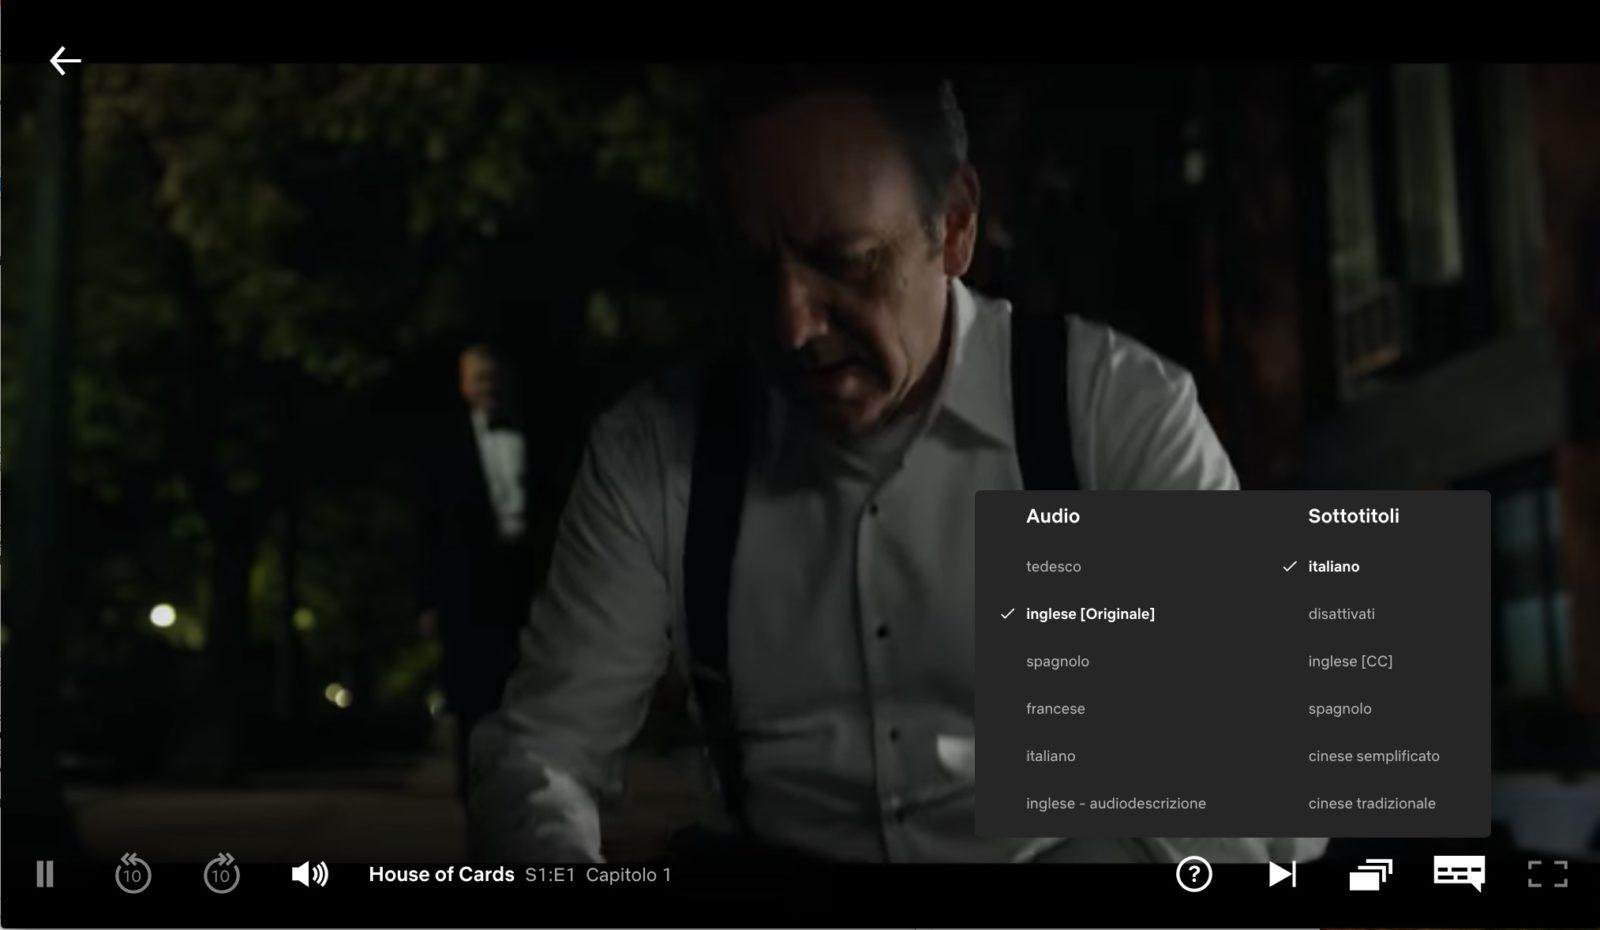 Netflix vi sta nascondendo serie TV e film imperdibili? ecco come sbloccarli